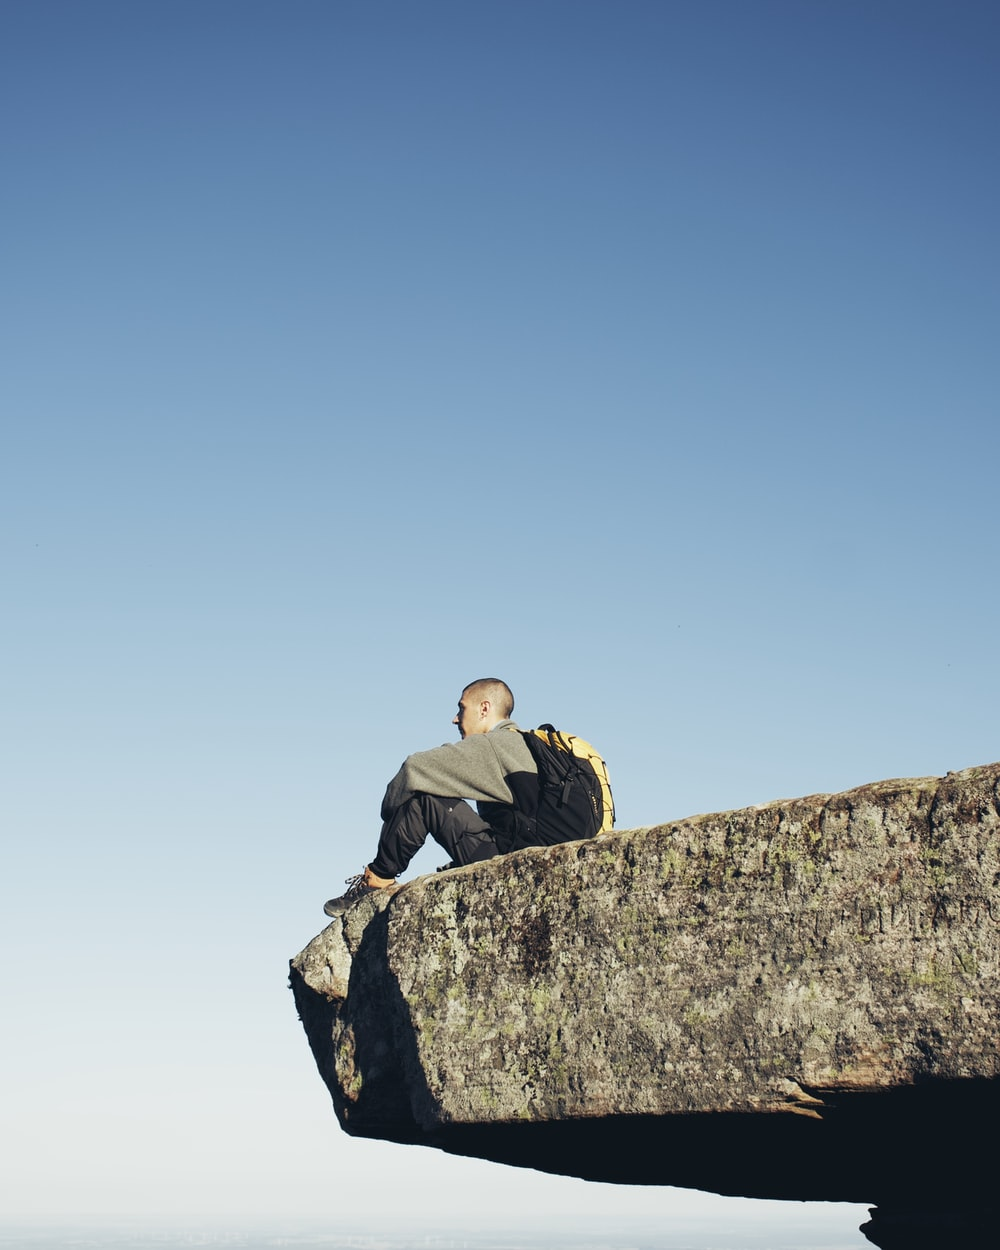 man in black jacket sitting on gray rock during daytime